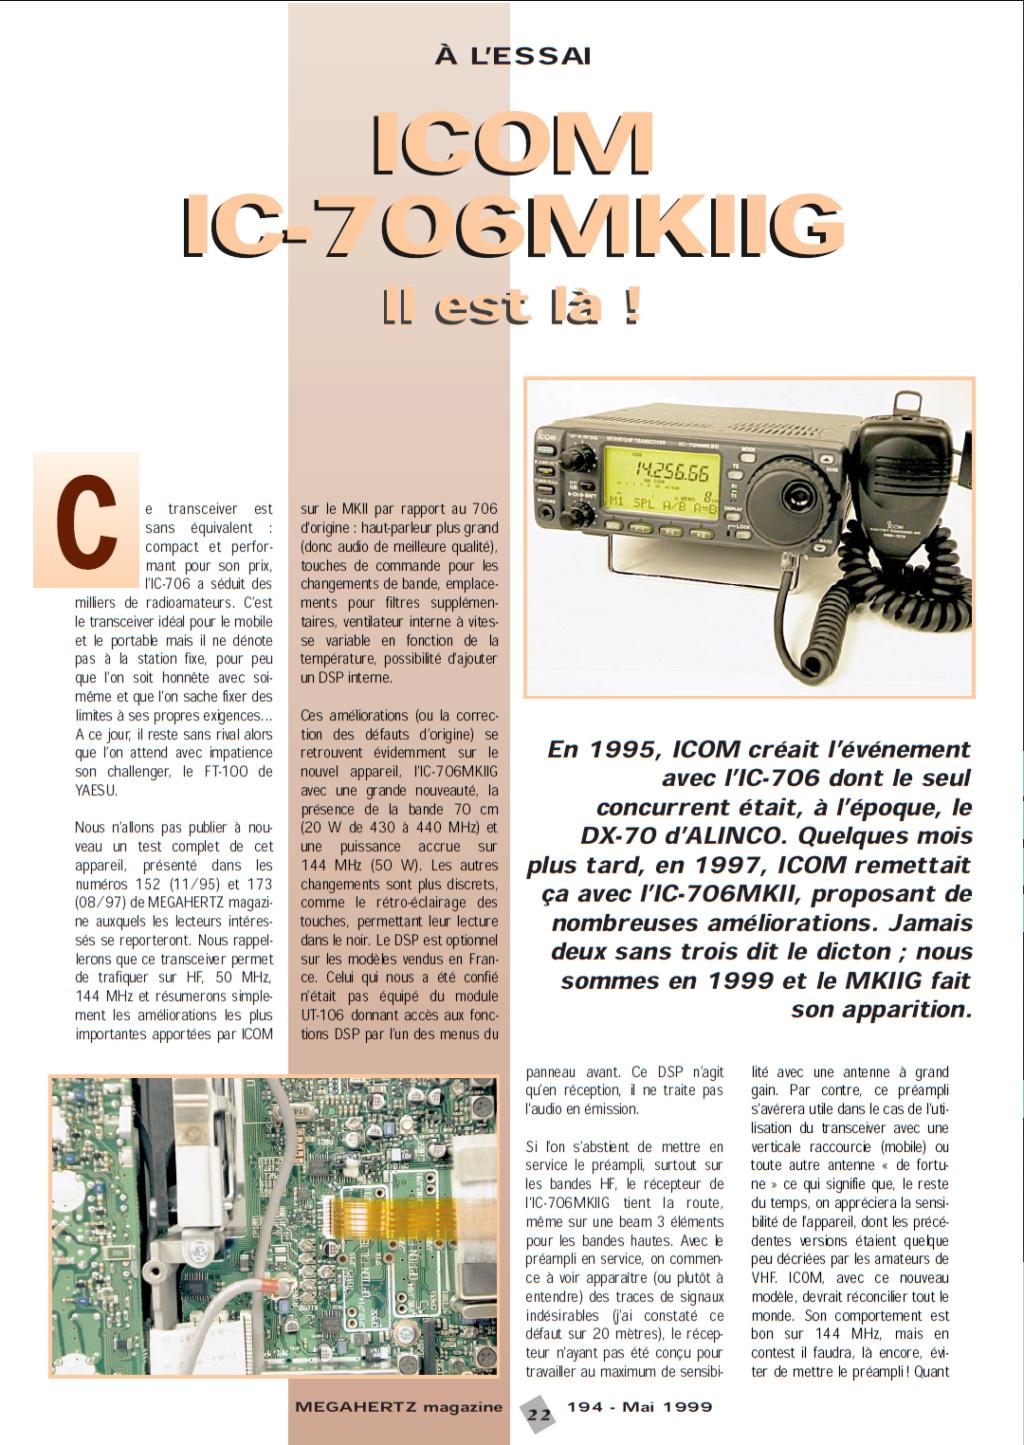 Icom IC-706MKIIG Captu179